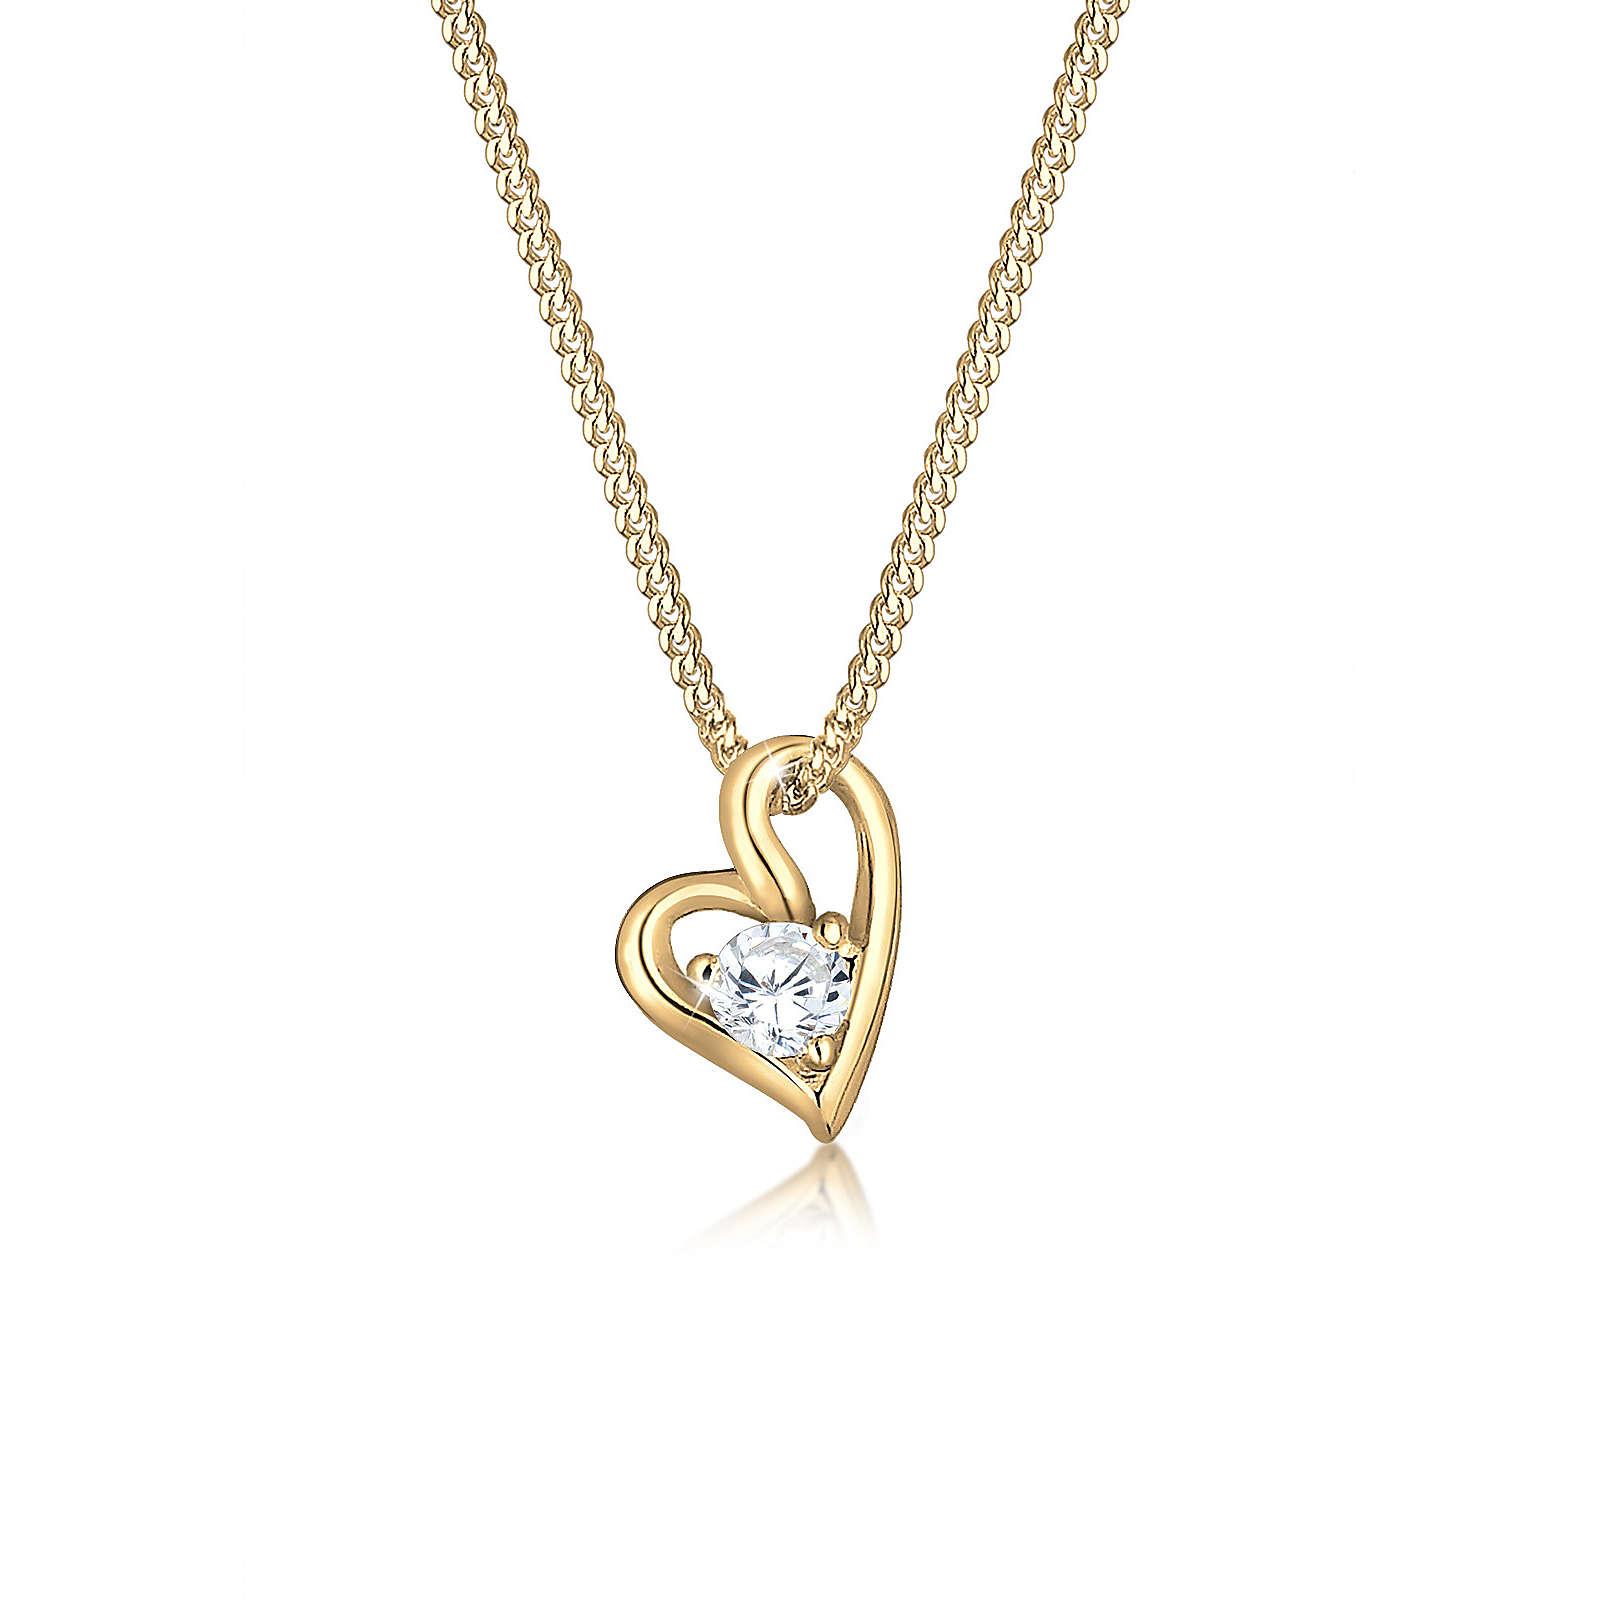 Elli PREMIUM Halskette Herz Liebe Zirkonia 585 Gelbgold Damen Gr. one size